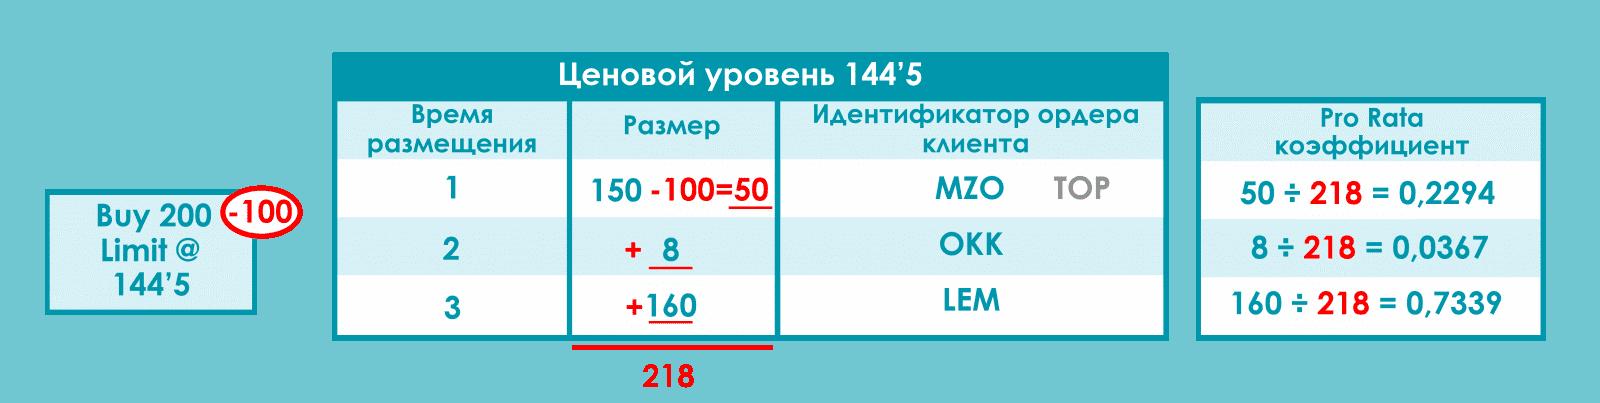 контрактов и OKK